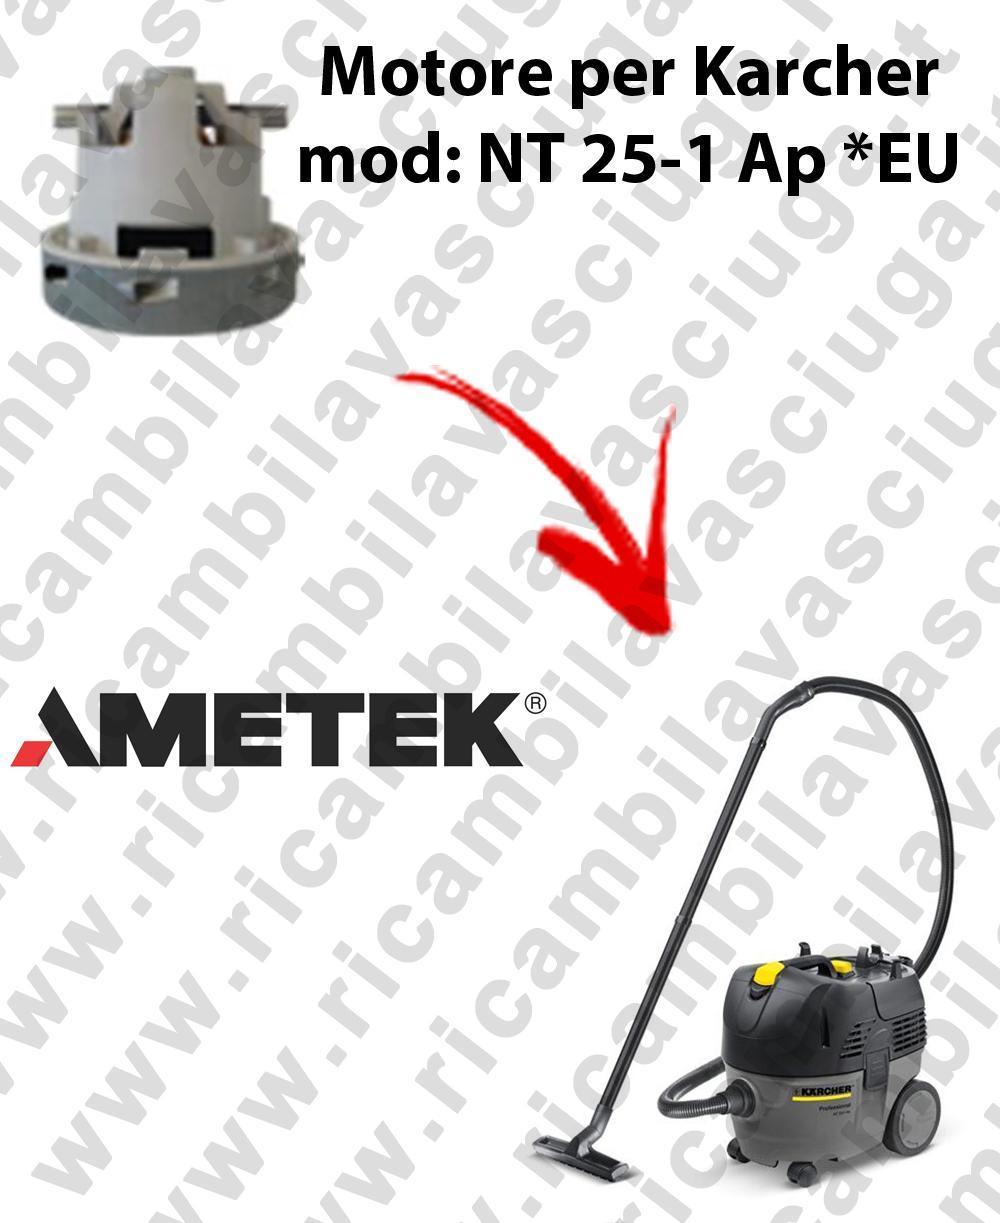 NT 25-1 Ap * EU  MOTEUR ASPIRATION AMETEK pour aspirateur KARCHER